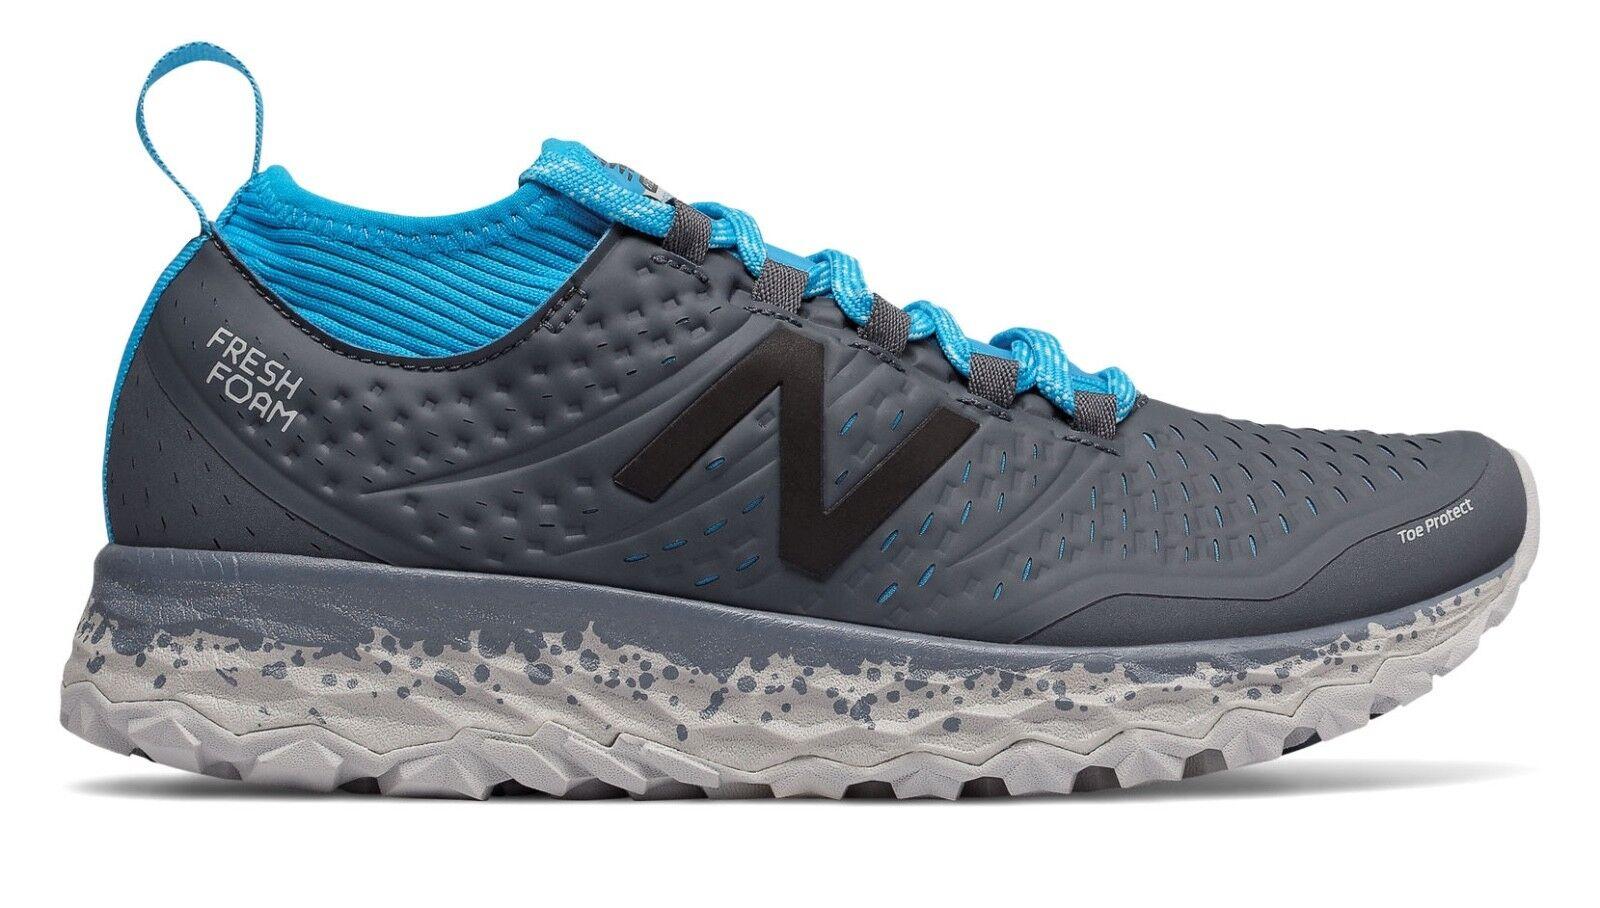 New Balance de de de mujer fresco Espuma hierrov 3 wthierb 3 Trail Running zapatos Trueno Azul  orden ahora disfrutar de gran descuento